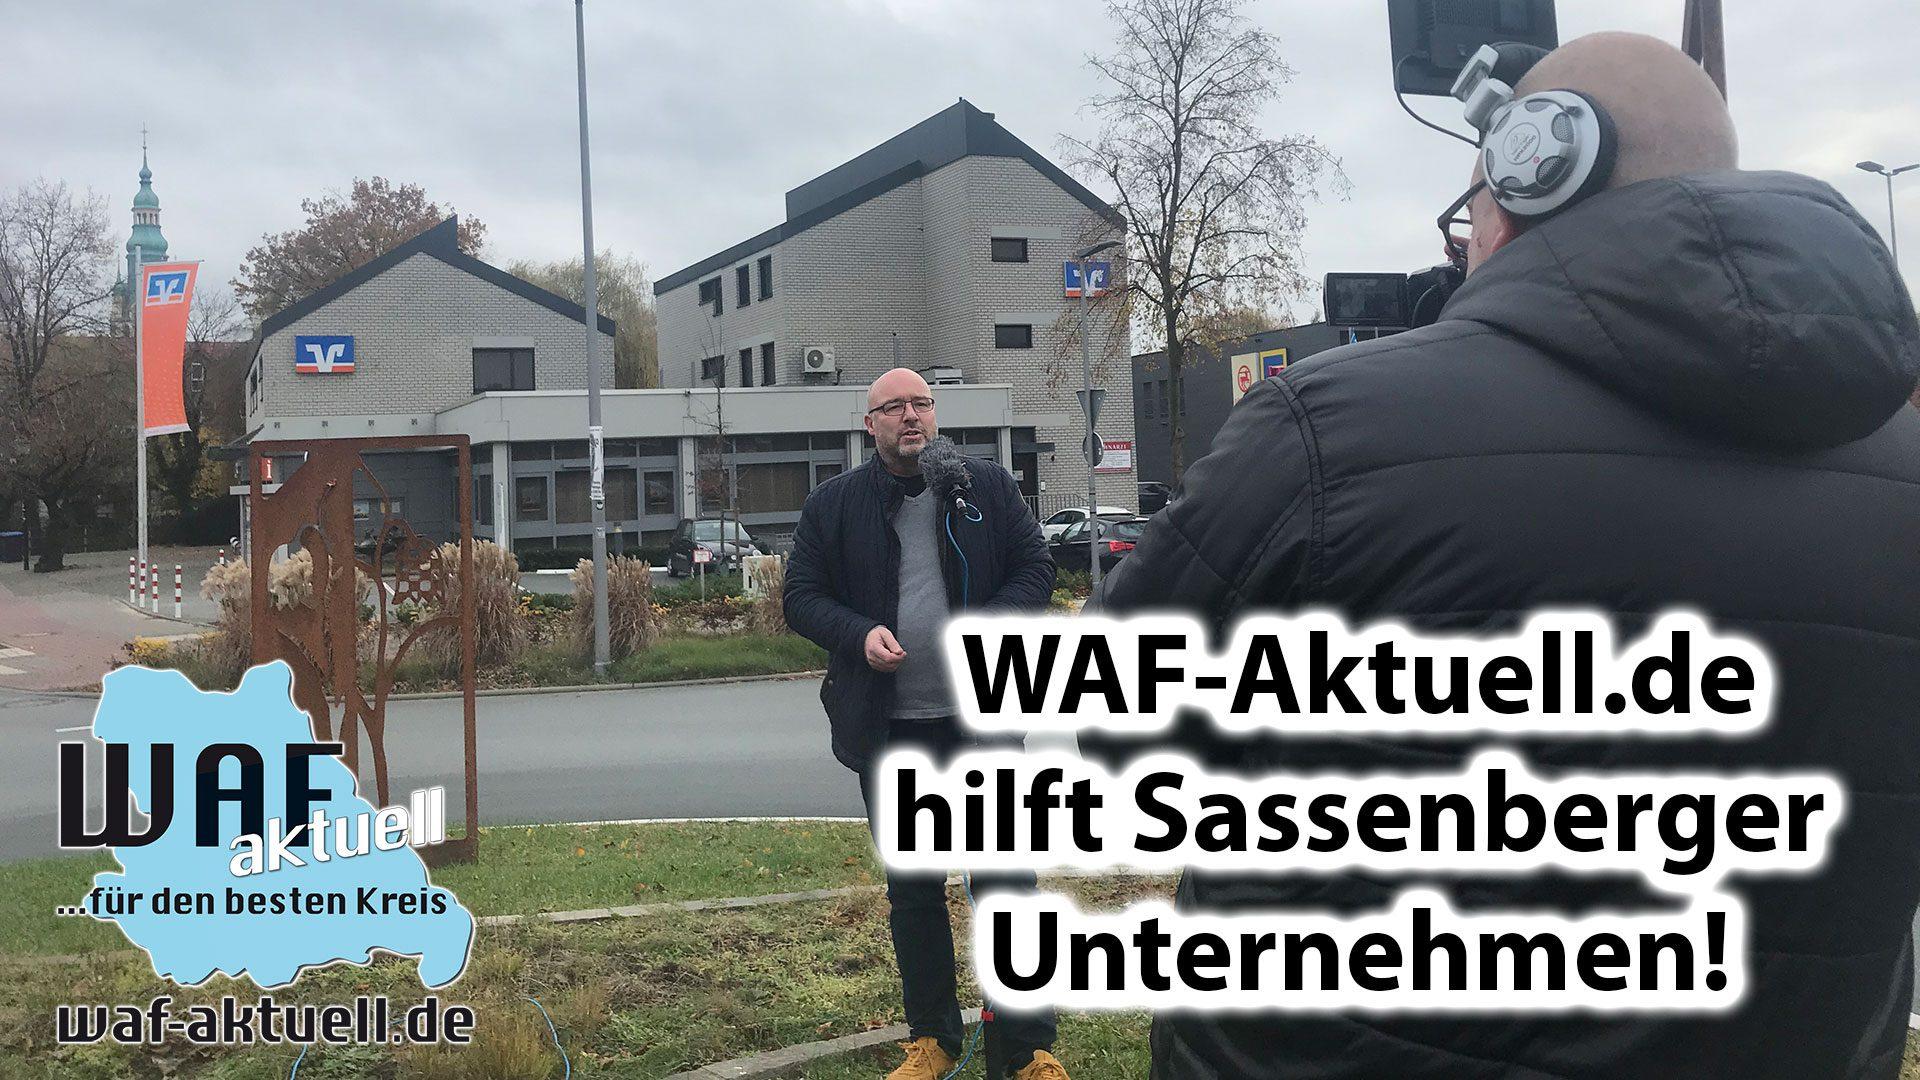 WAF-Aktuell.de hilft Sasssenberger Unternehmen – MIT VIDEOBEITRAG